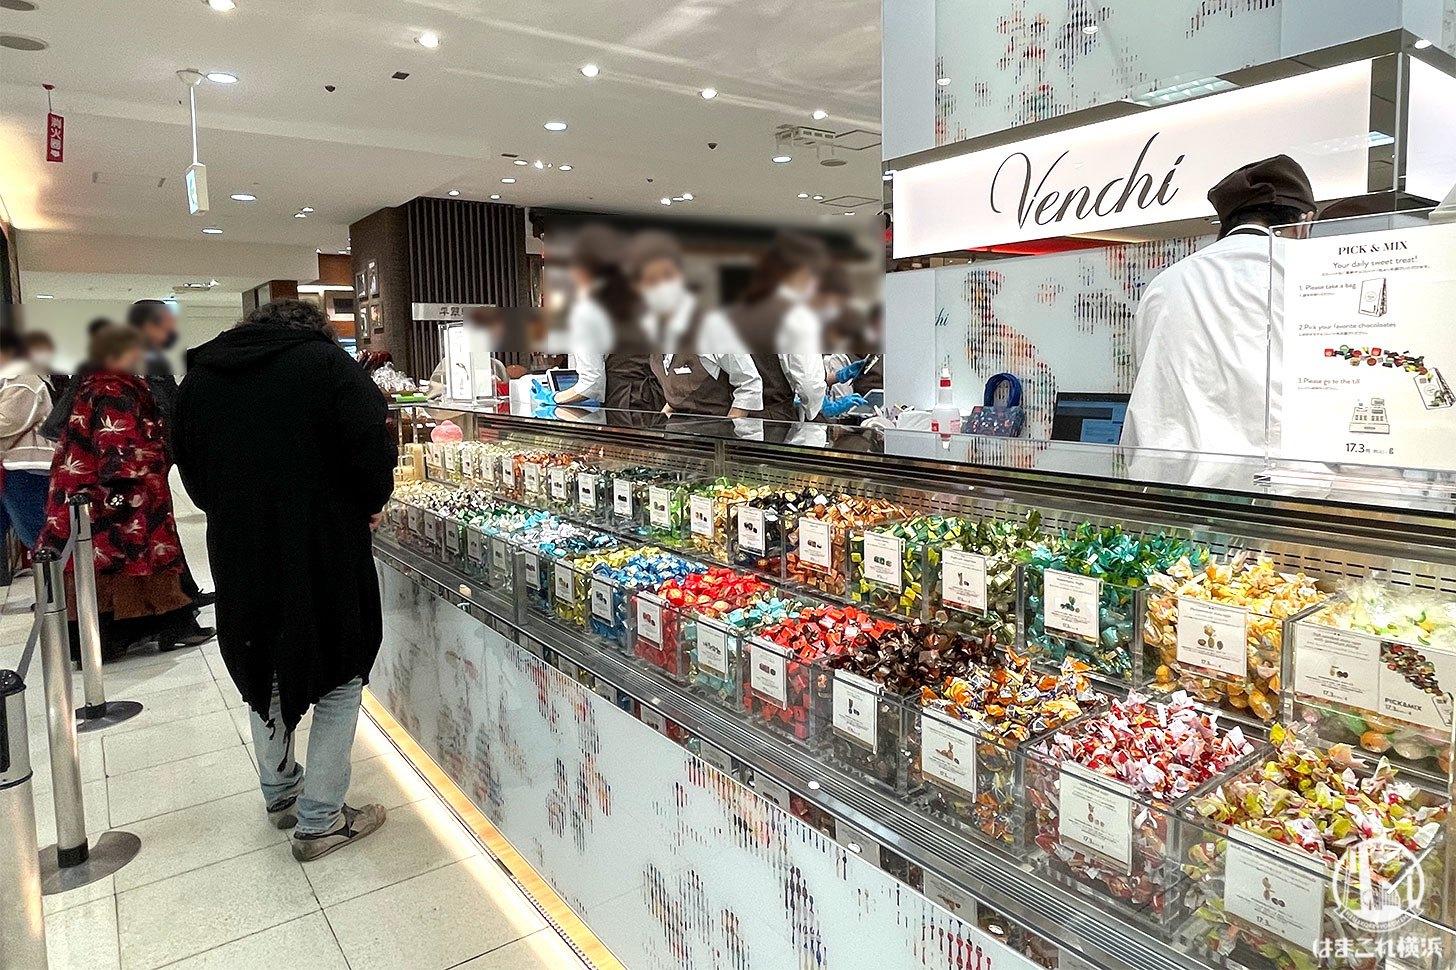 ヴェンキそごう横浜店